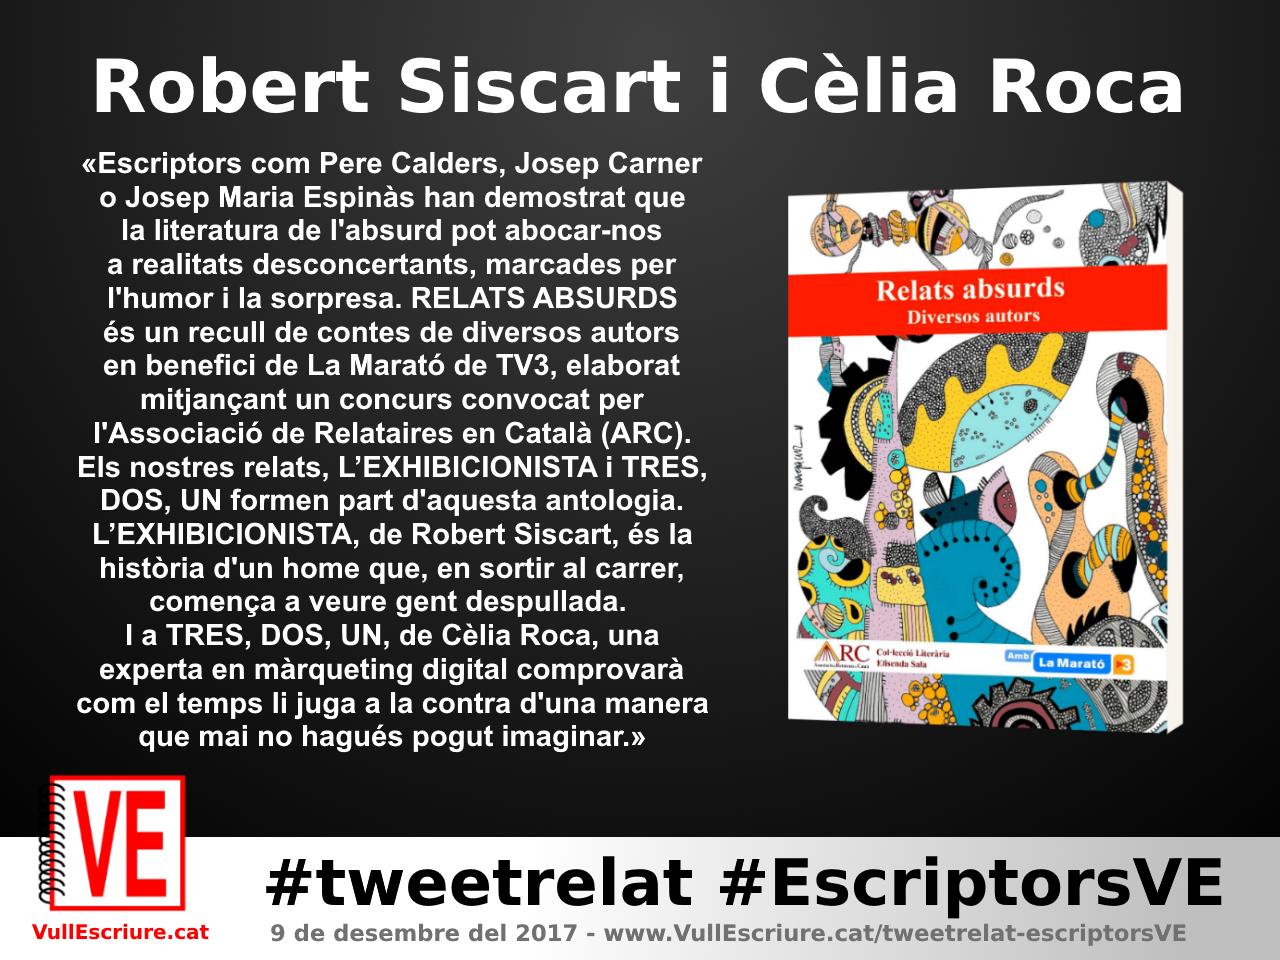 VullEscriure - Marató escriptura #tweetrelat #EscriptorsVE - Robert Siscart - Cèlia Roca - Relats absurds